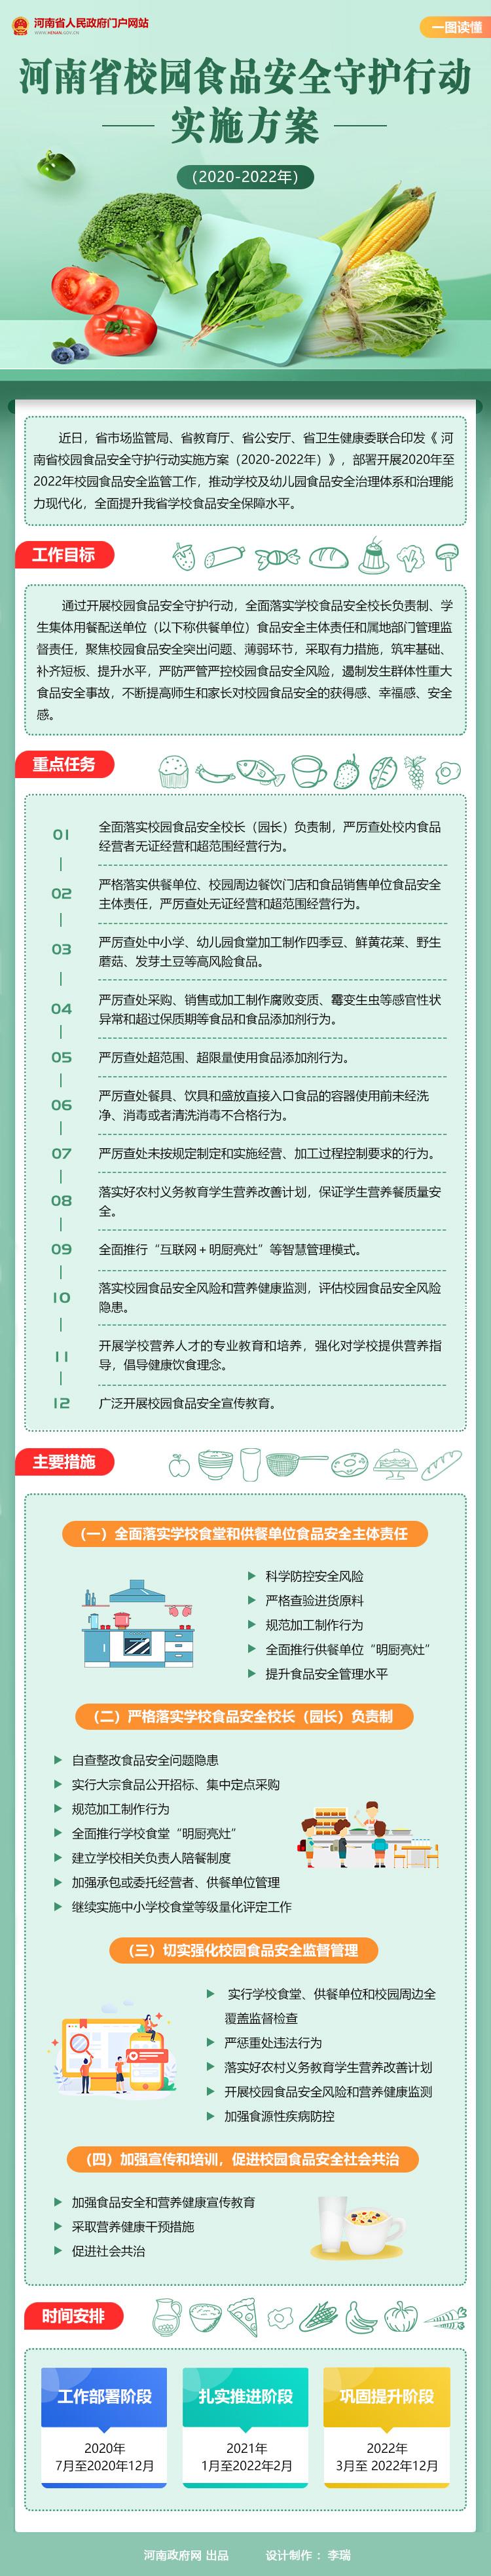 图解:河南省校园食品安全守护行动实施方案